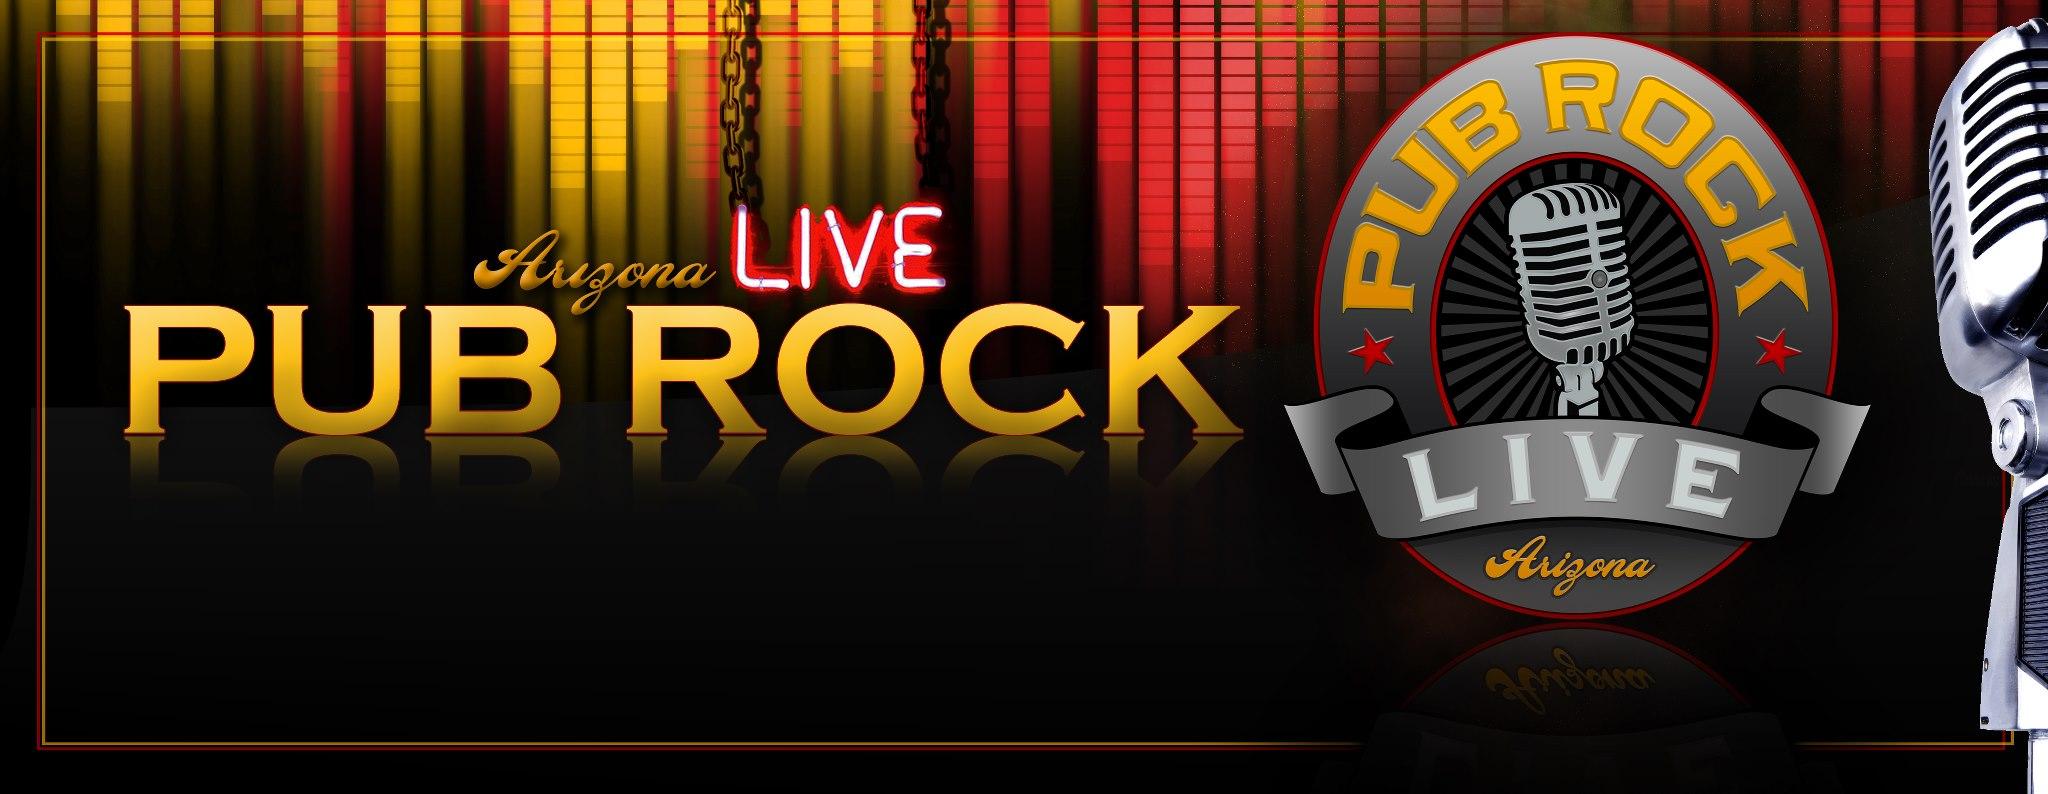 Pub Rock Live